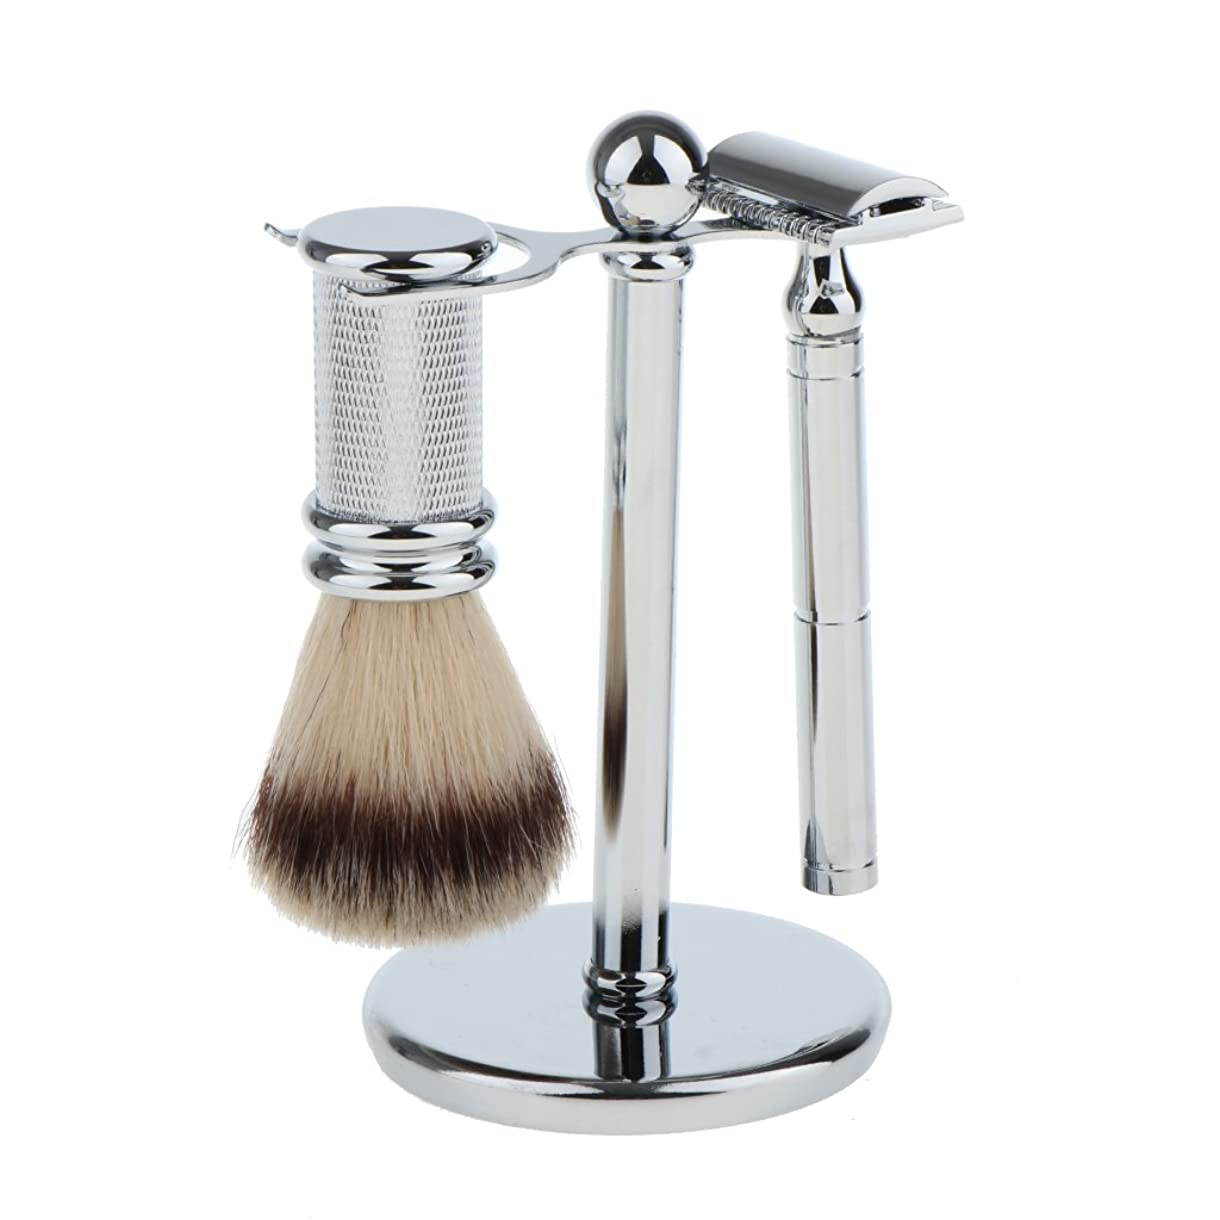 ぺディカブ平日道路を作るプロセスシェービング ブラシスタンド ダブルエッジ 剃刀 ブラシ マニュアルシェーバー メンズ プレゼント 贈り物